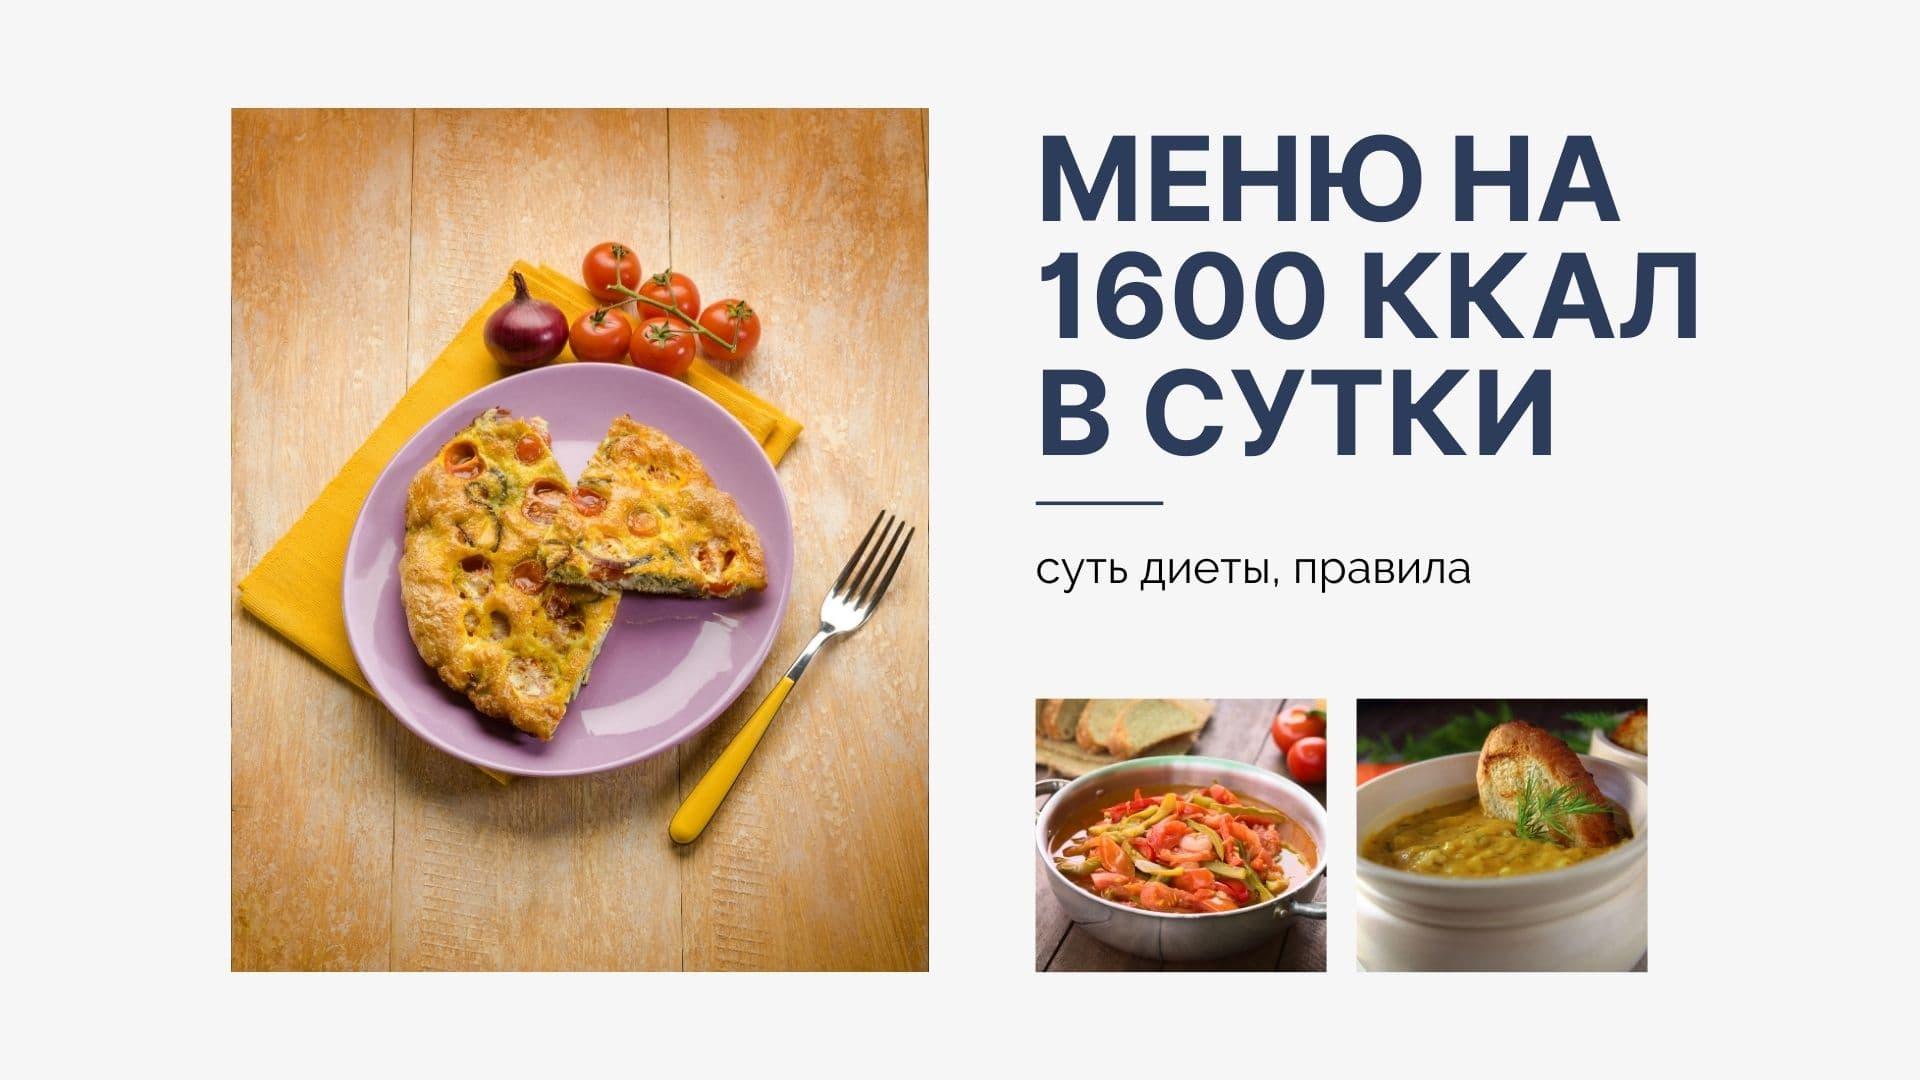 Меню на 1600 калорий в сутки: суть диеты, правила